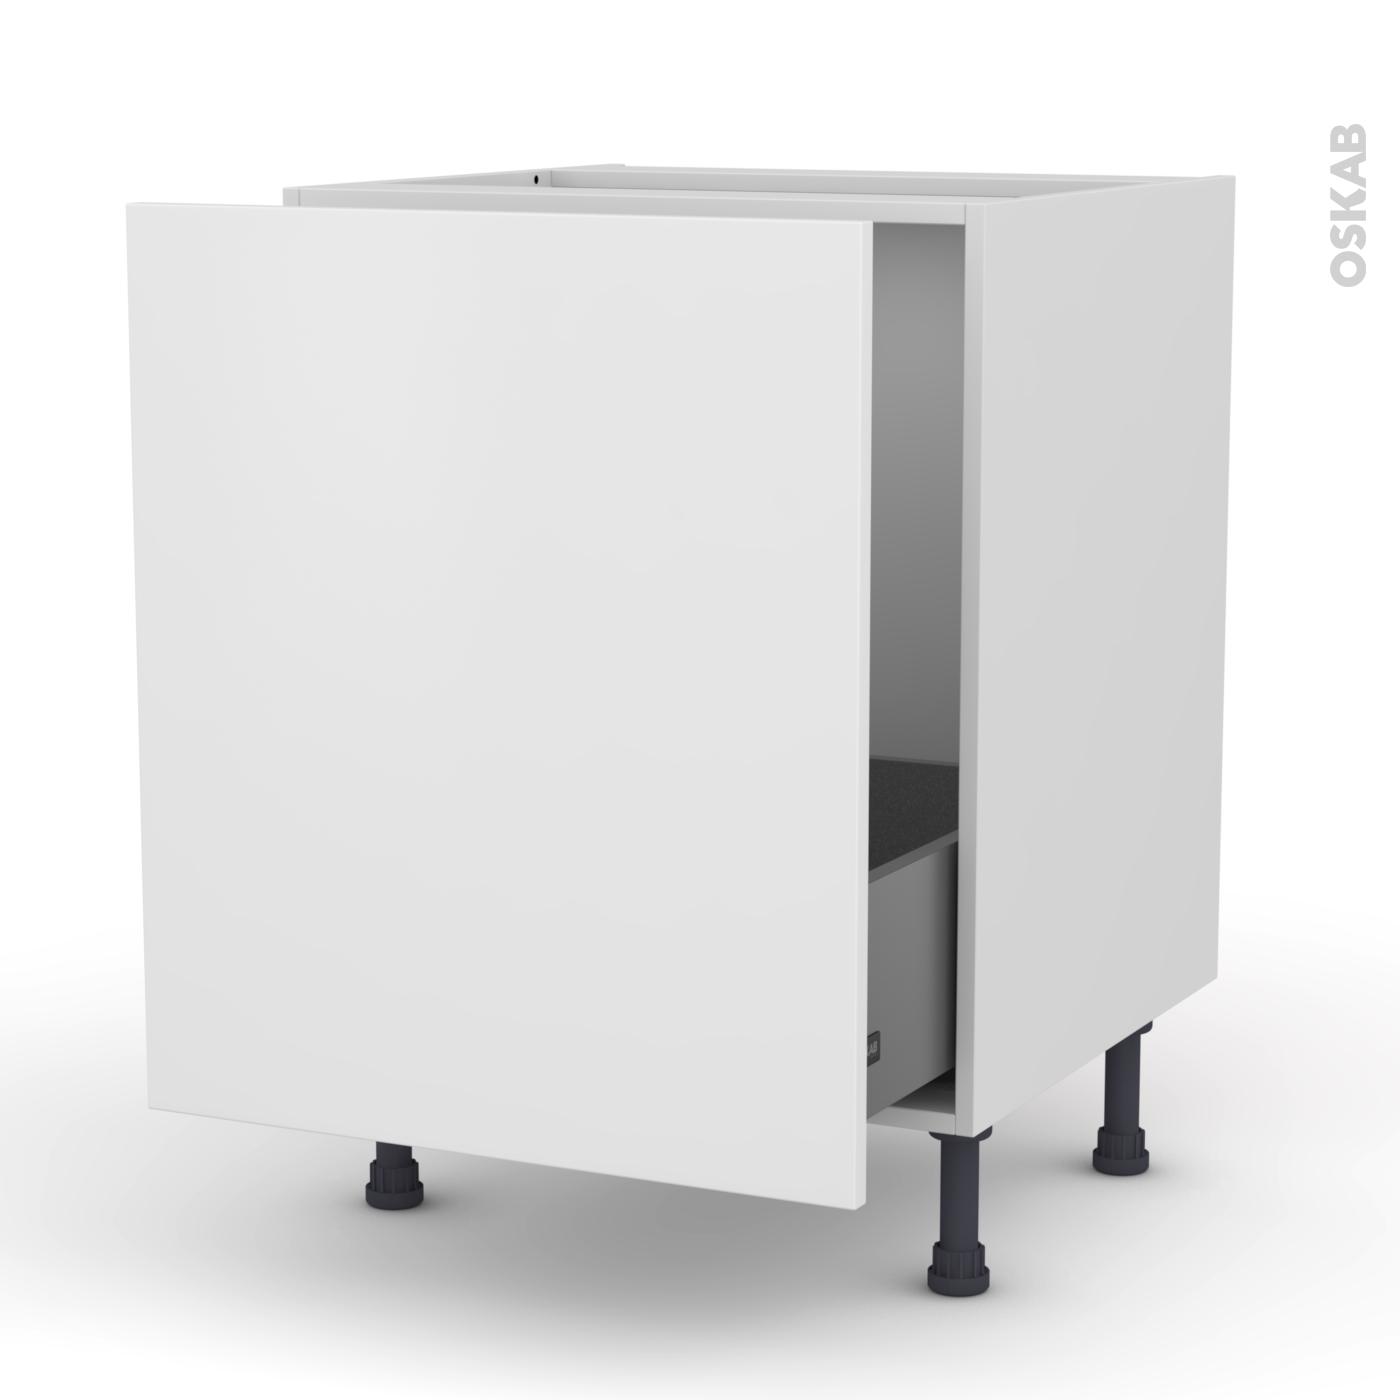 Meuble de cuisine Sous évier GINKO Blanc, 14 porte coulissante, L14 x H14 x  P14 cm